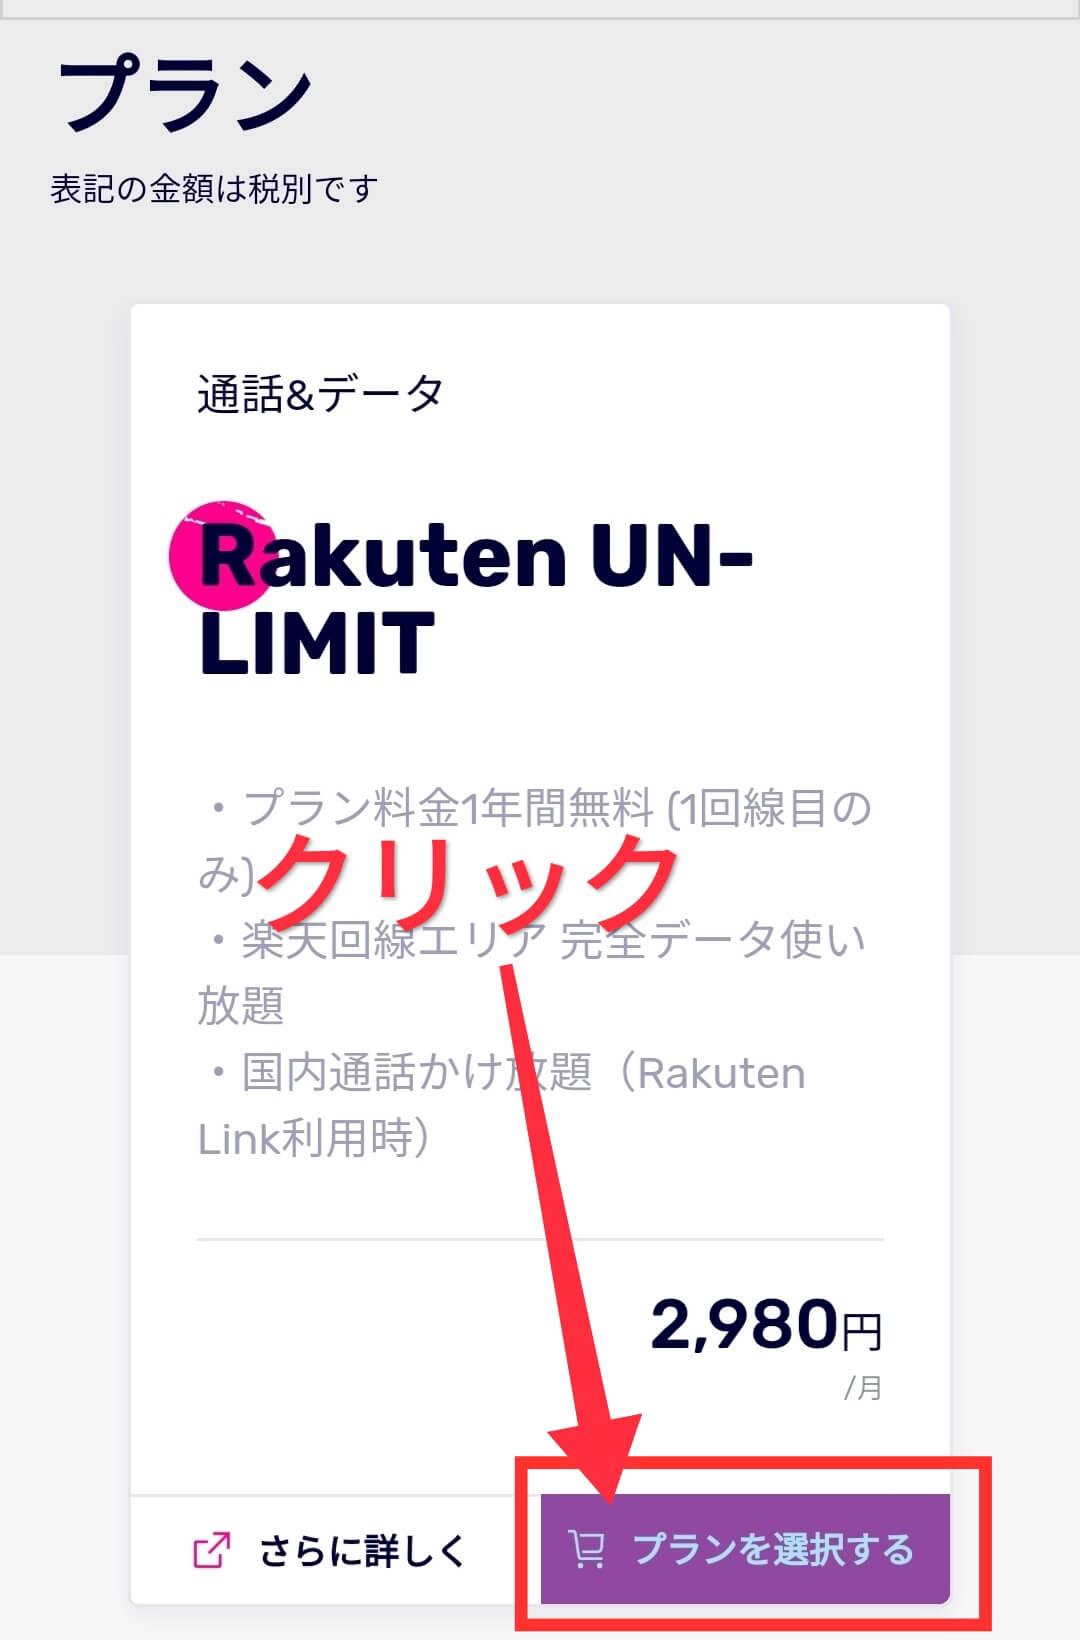 プラン(Rakuten UN-LIMIT)を選択する